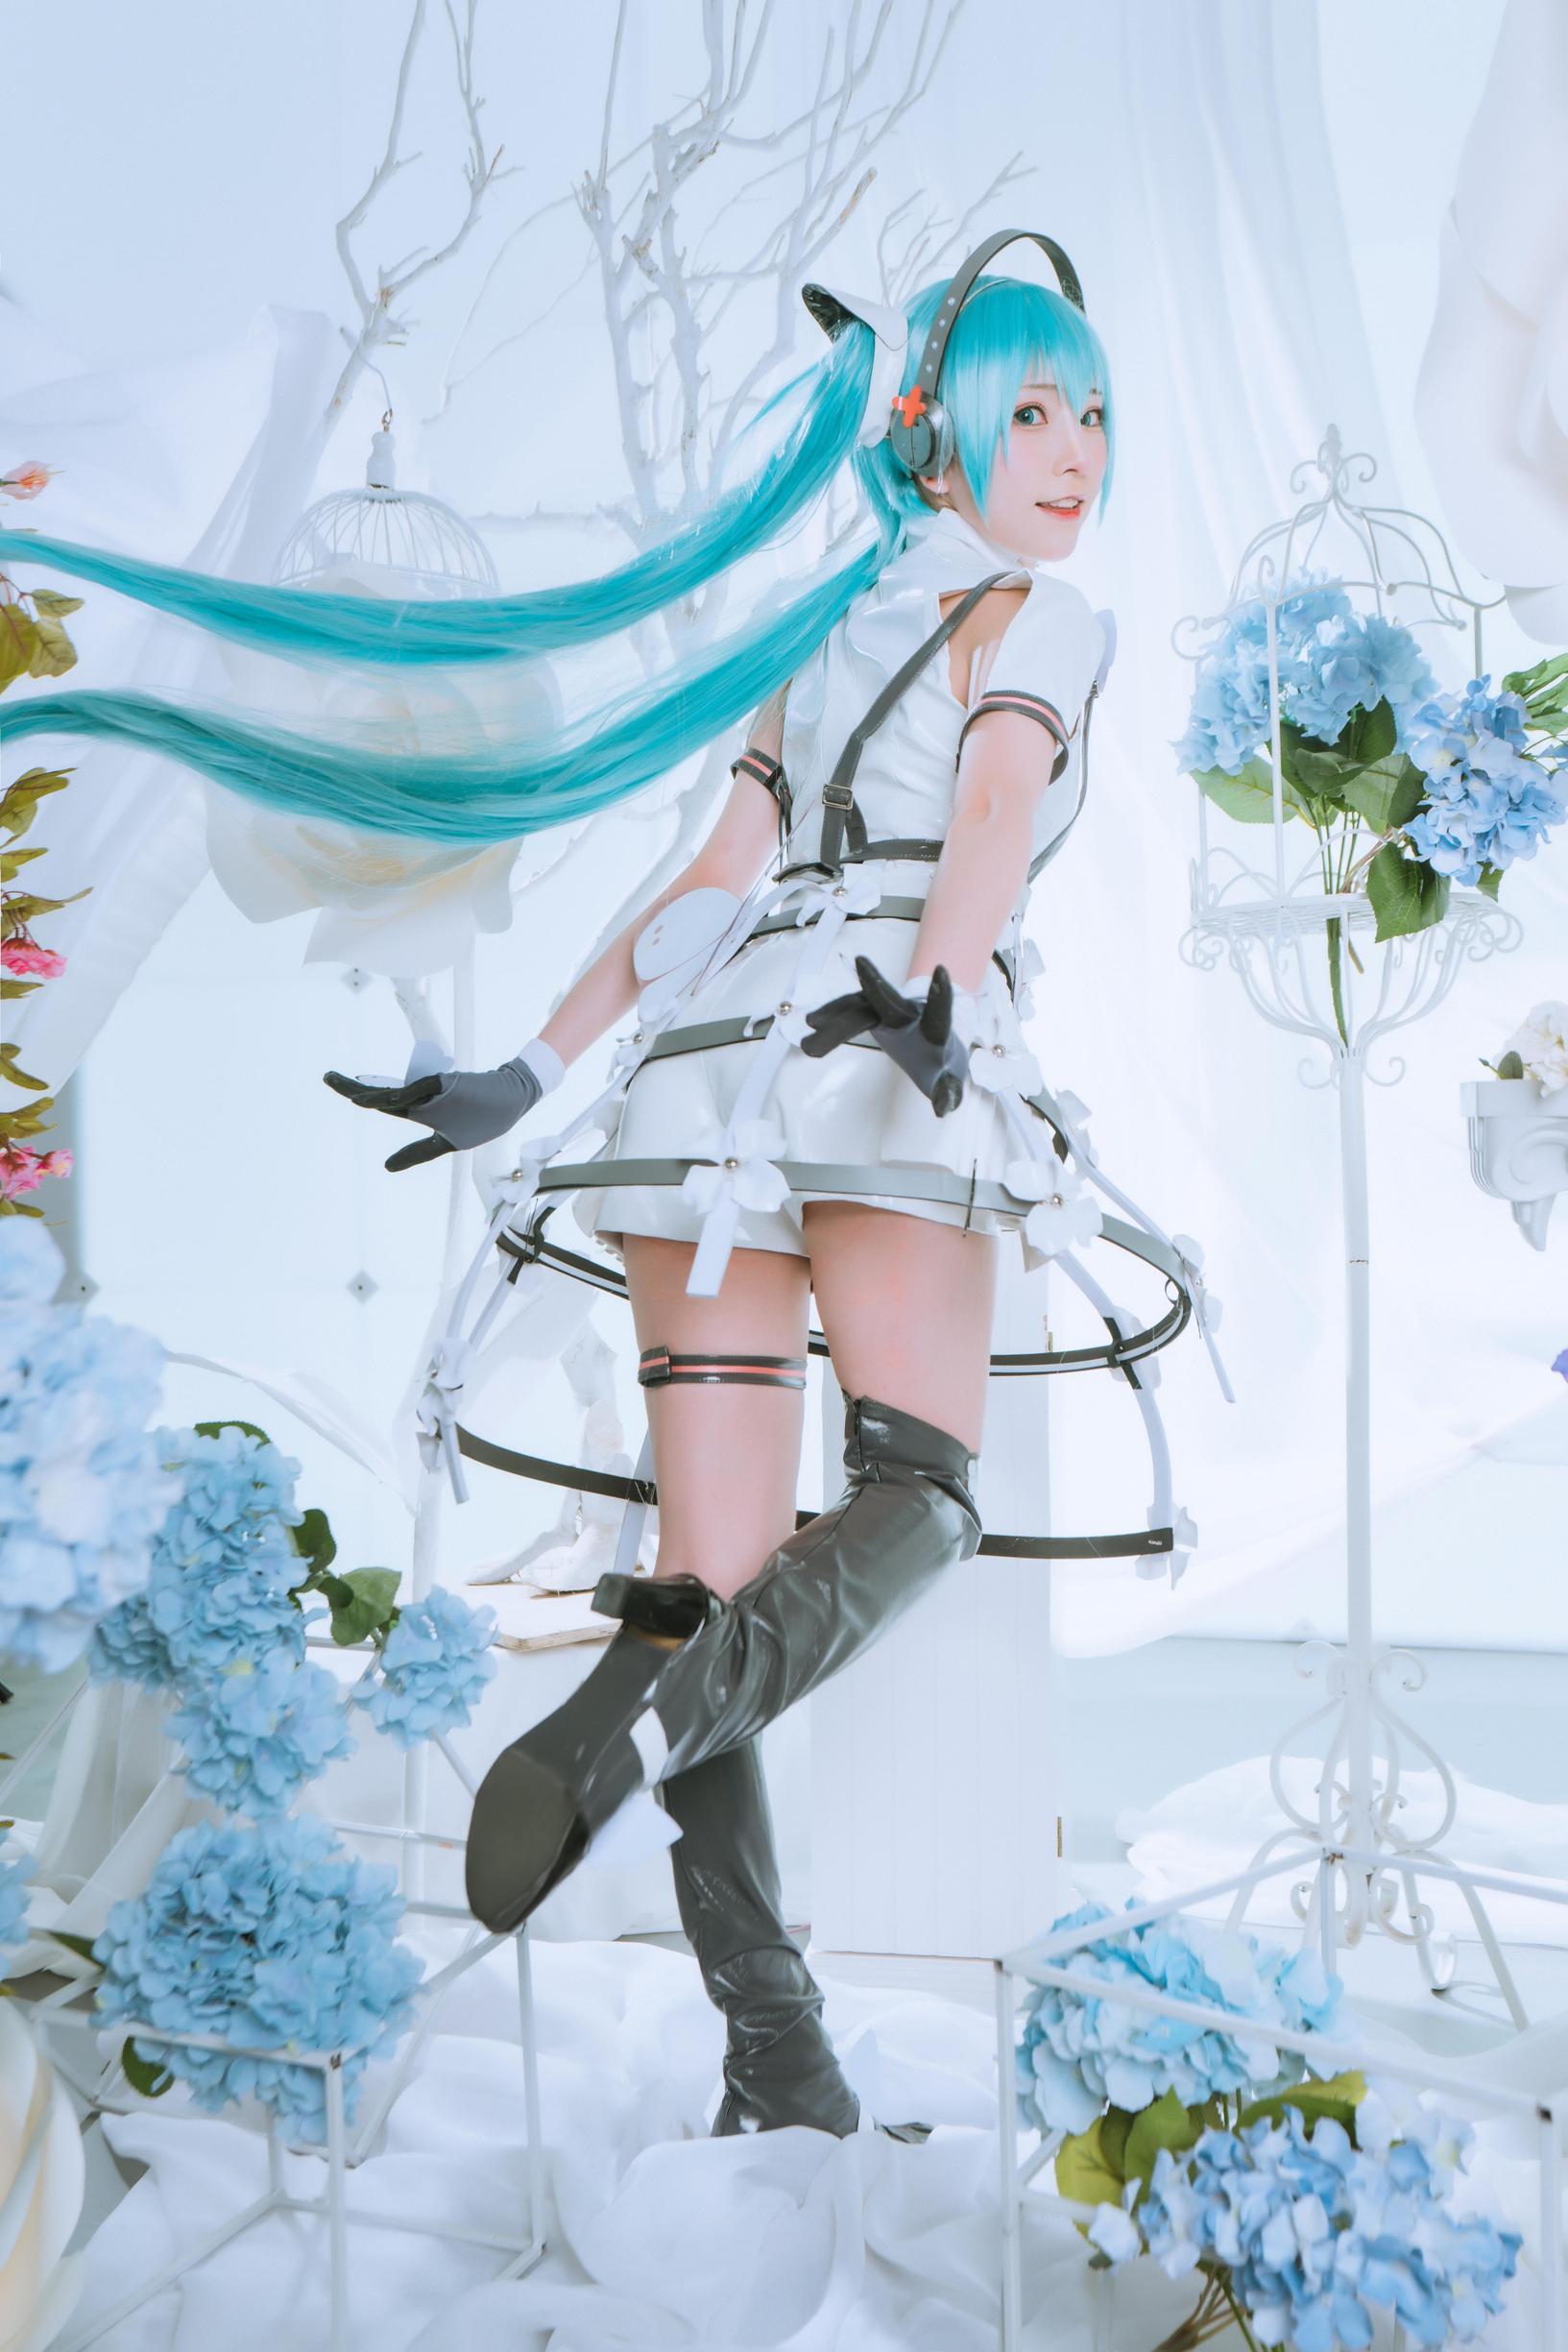 少女cosplay【CN:Kitaro_绮太郎】-第16张